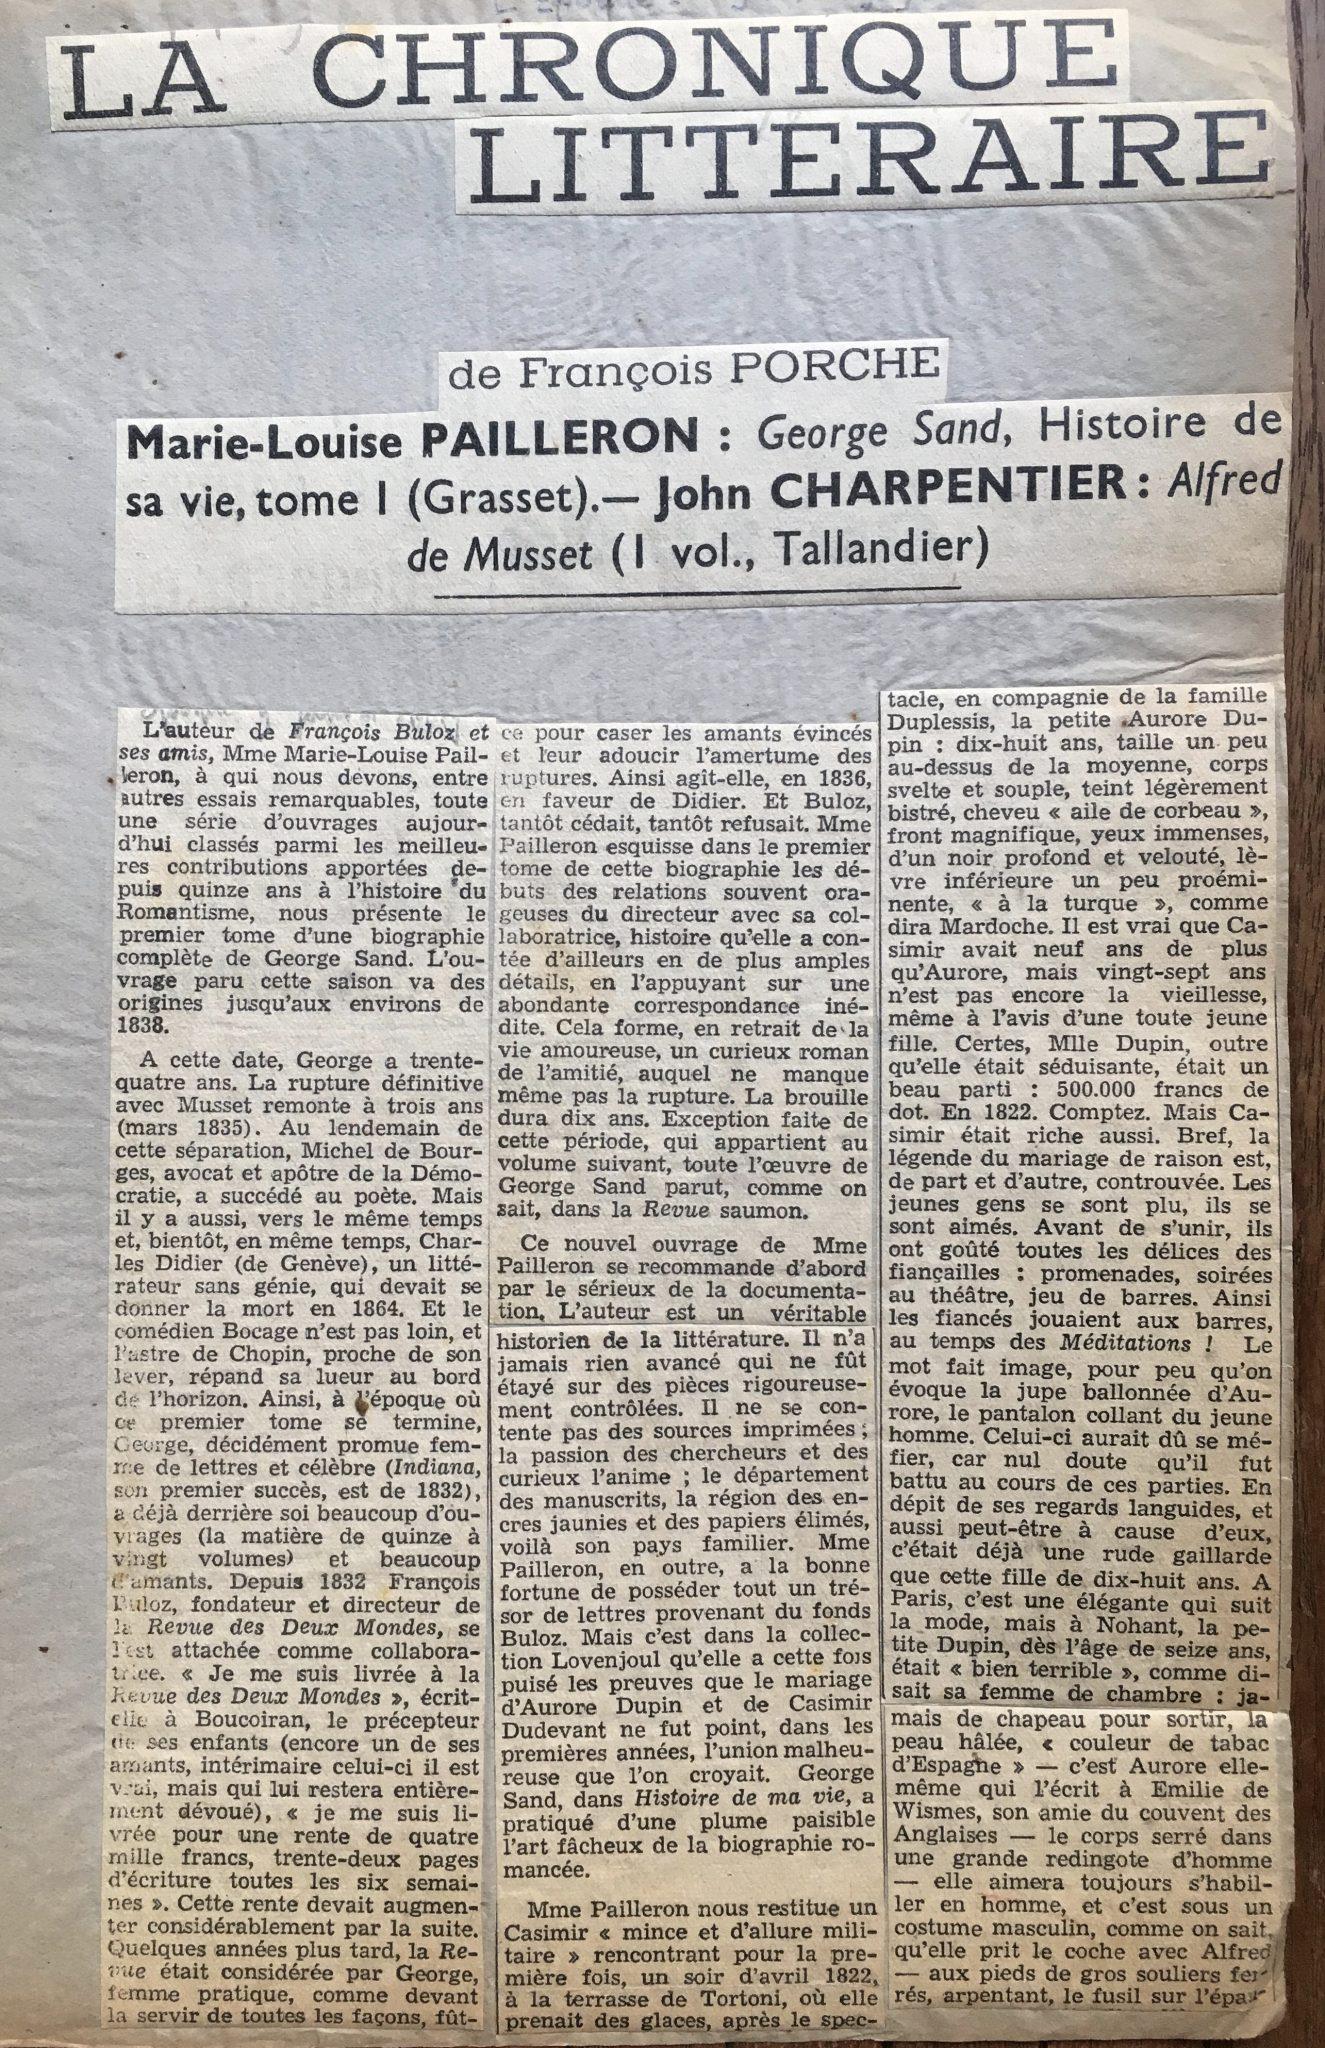 La chronique litteraire 1939